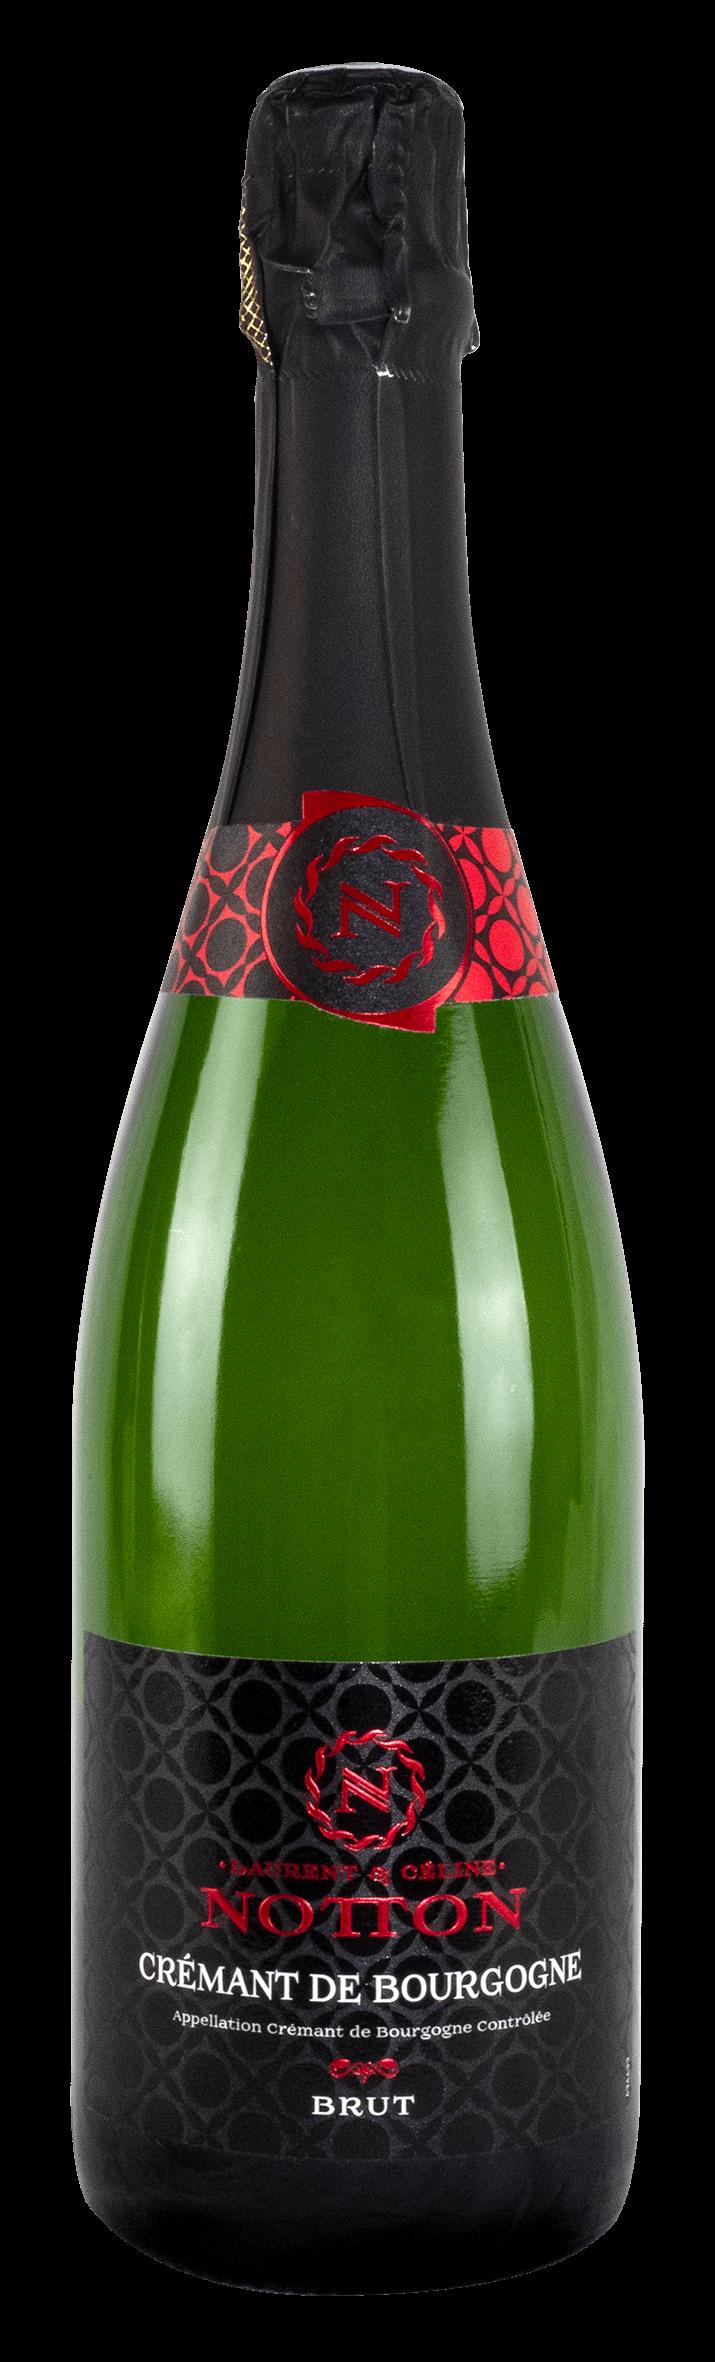 bouteille NOTTON Cremant de Bourgogne Brut